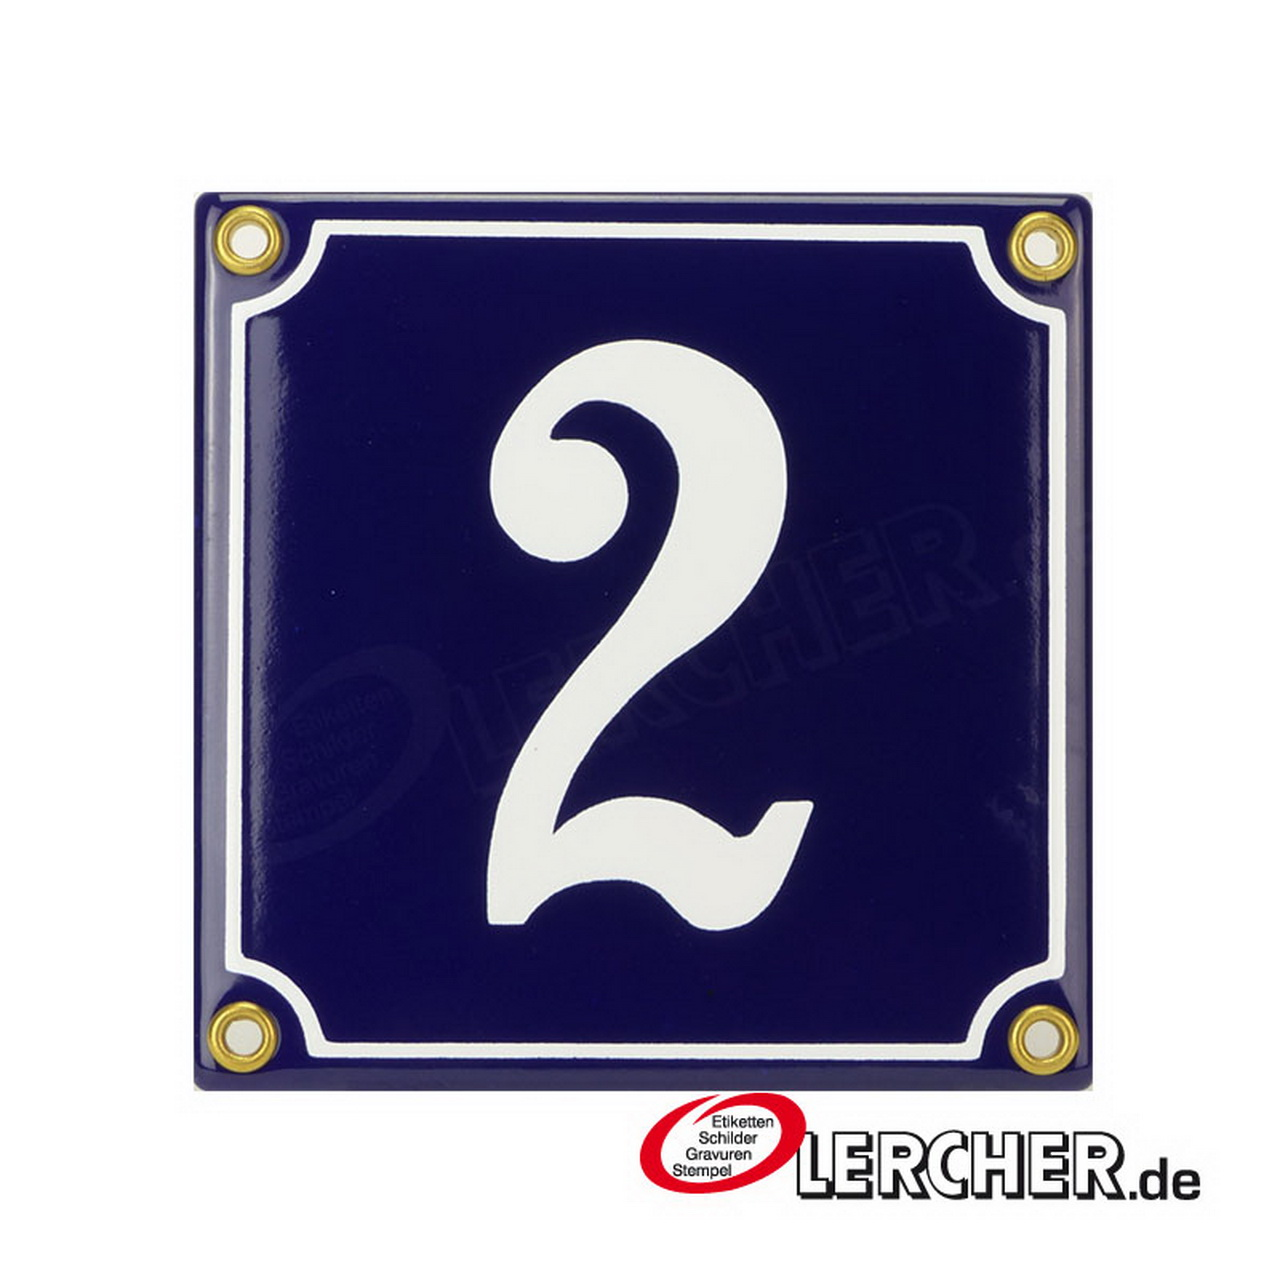 Emaille Schild Hausnummer 55 Blau-Wei/ßHandarbeit